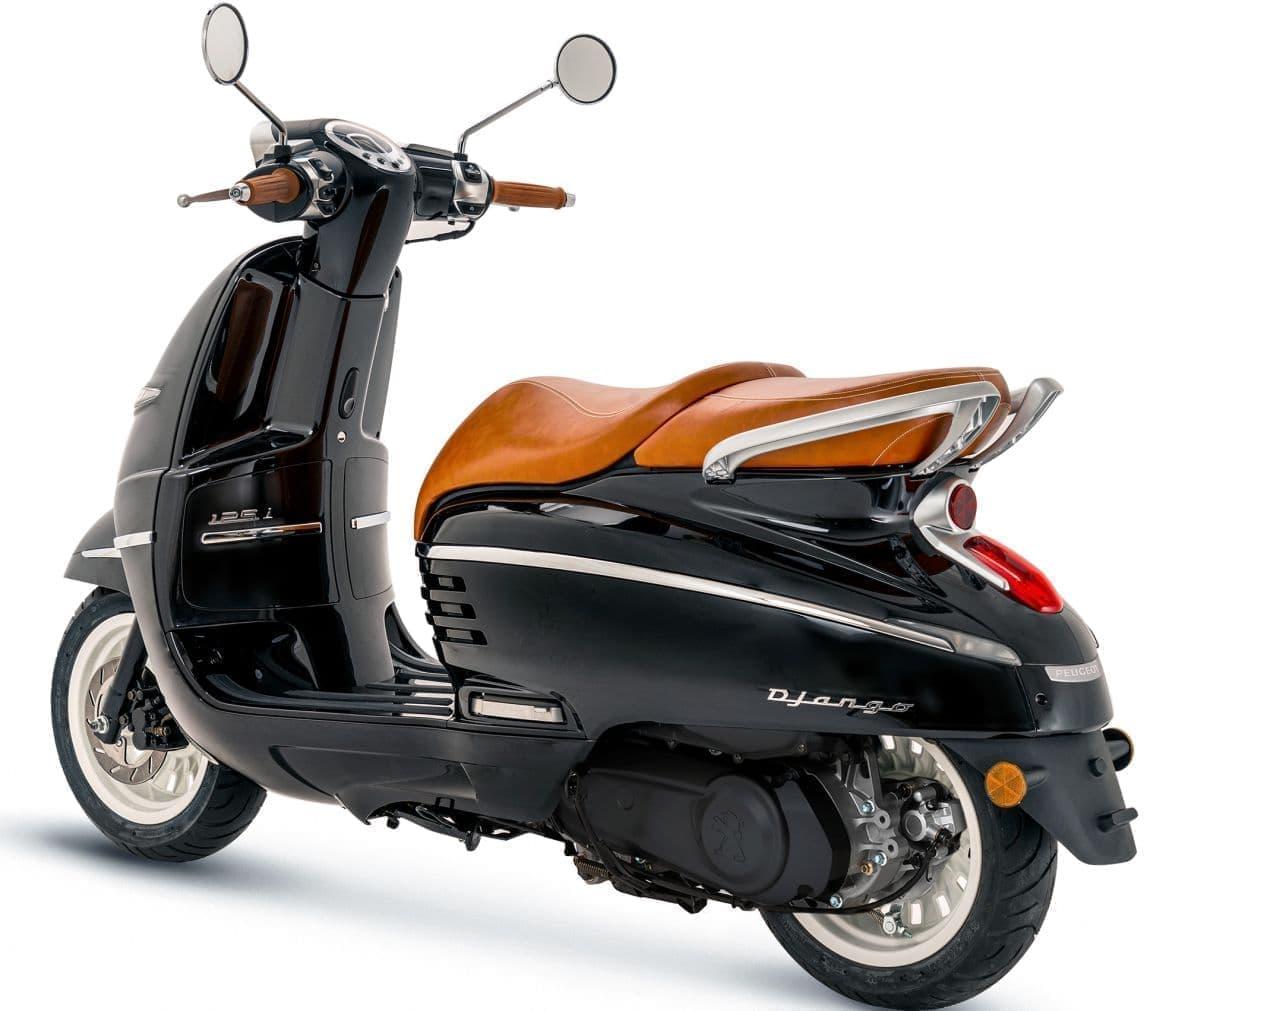 プジョー「ジャンゴ」に2021年モデル - 新色&新グレード追加